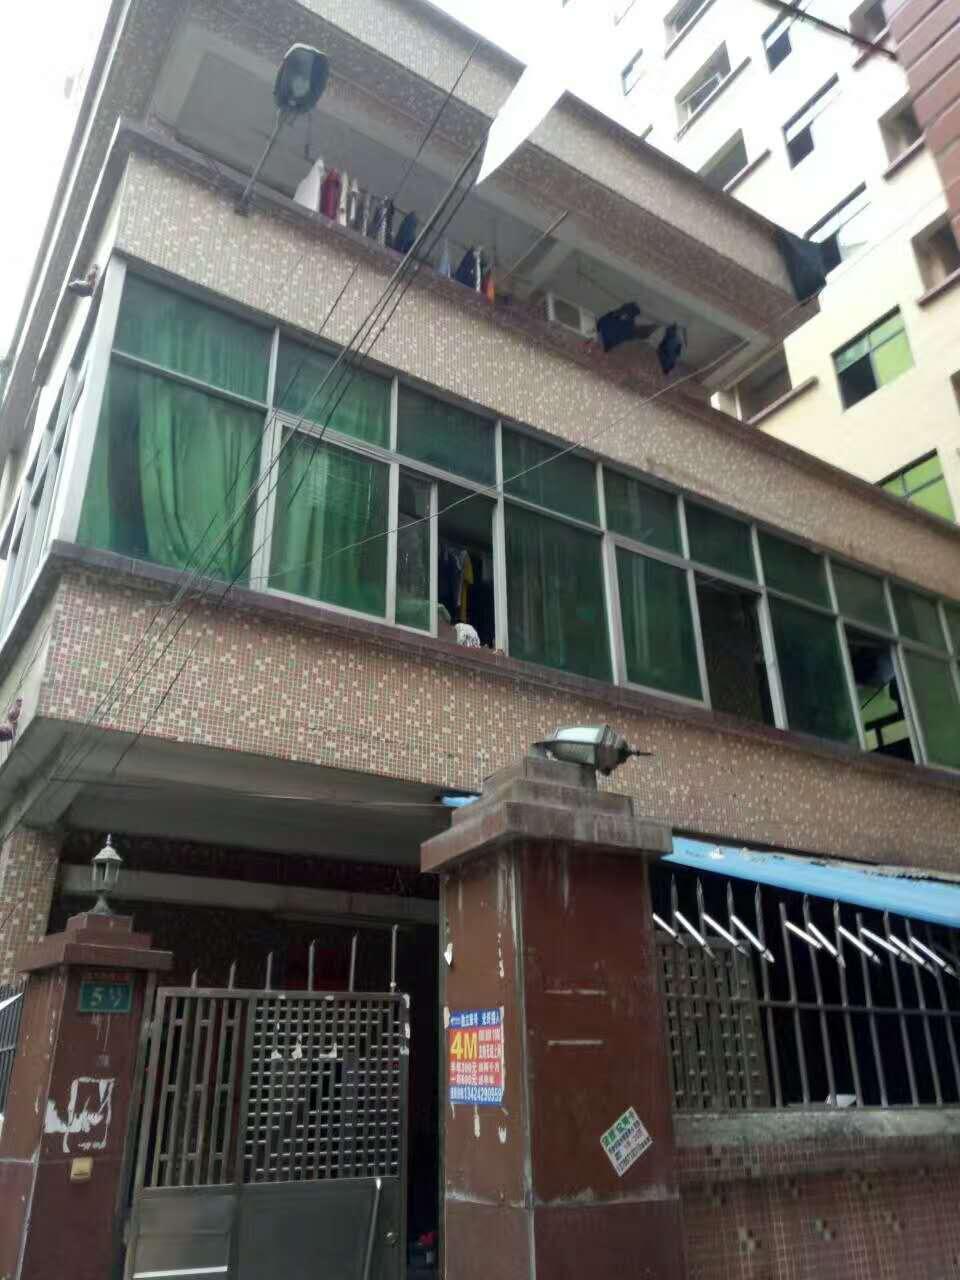 深圳马山头整栋农民房180万实收,地铁口附近 不动产 自建房 房价 销售 第3张